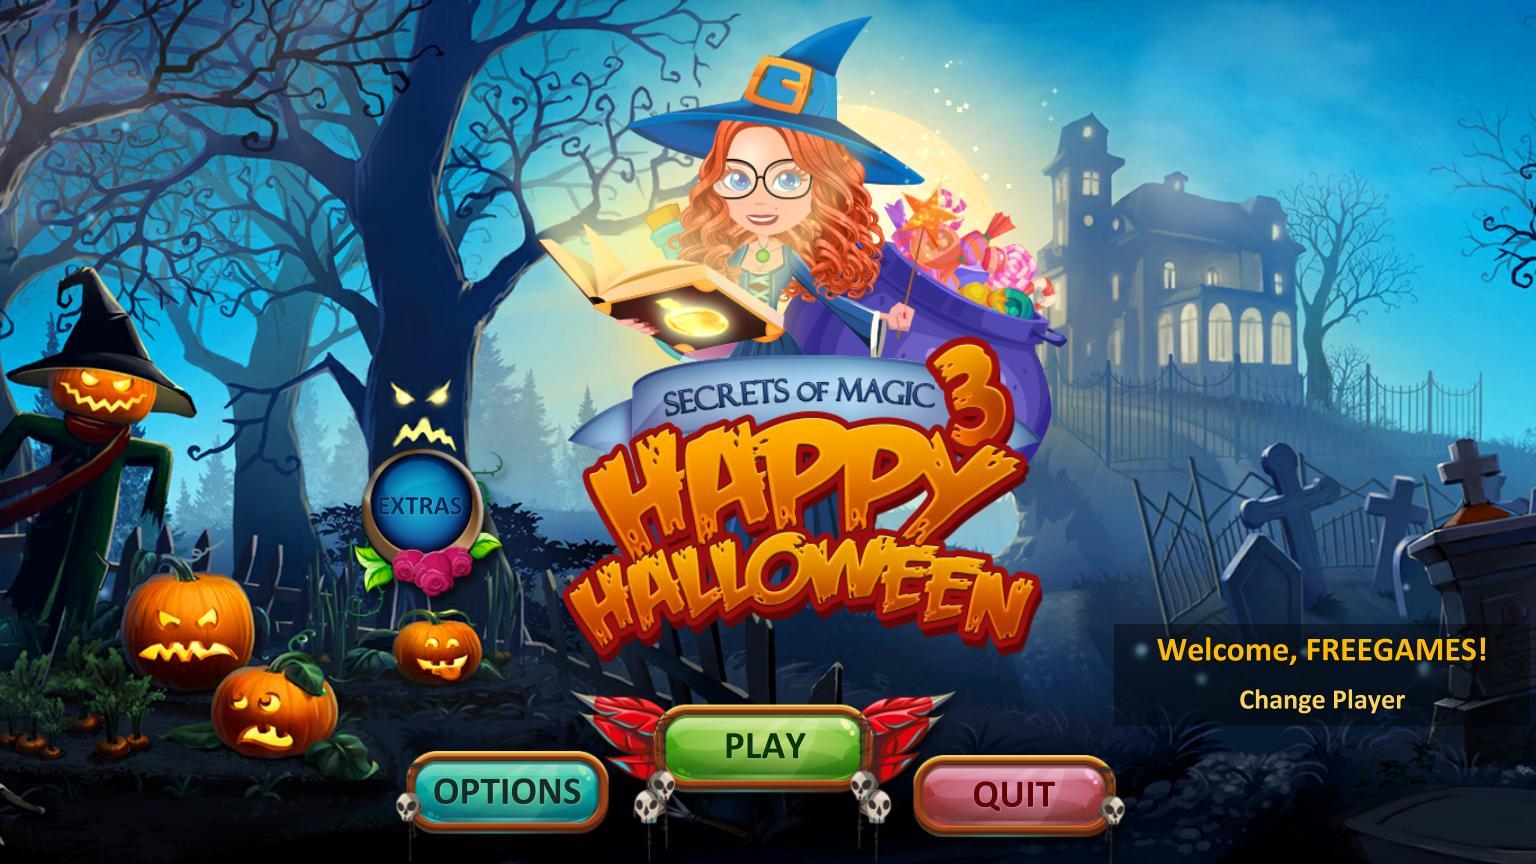 Секреты магии 3: Счастливого Хэллоуина | Secrets of Magic 3: Happy Halloween (En)